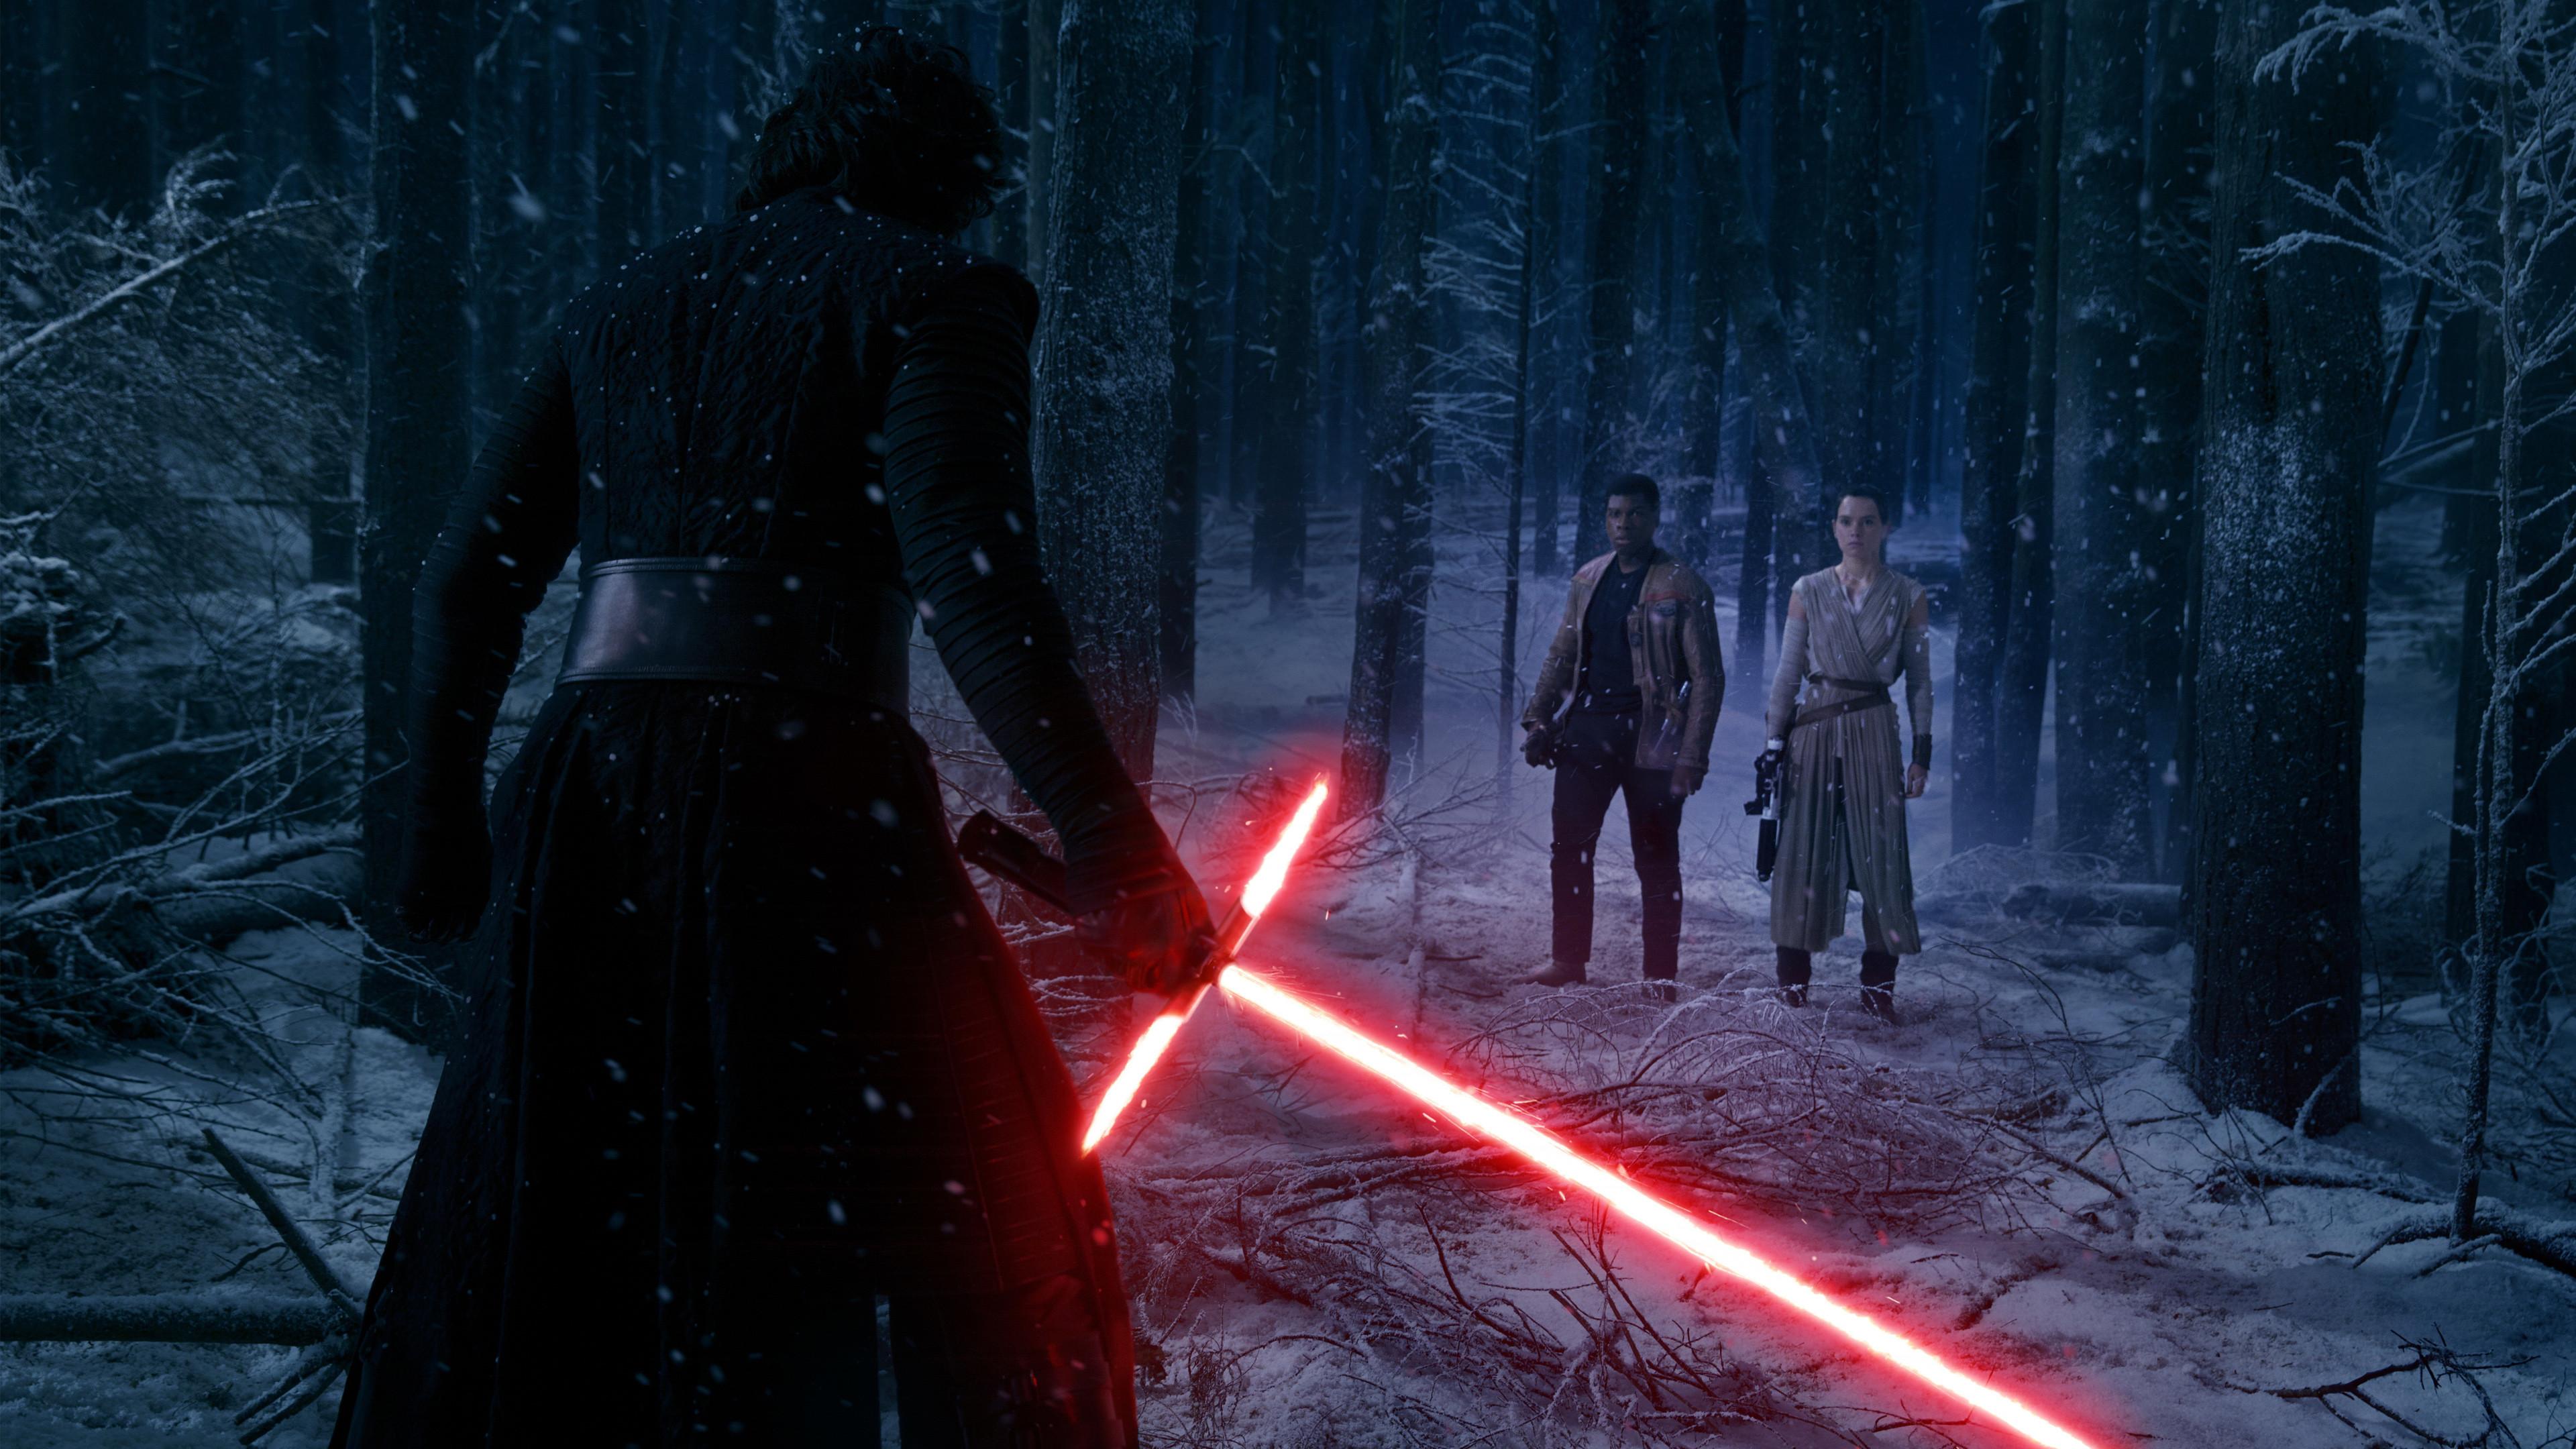 Star Wars Kylo Ren Lightsaber Finn Rey